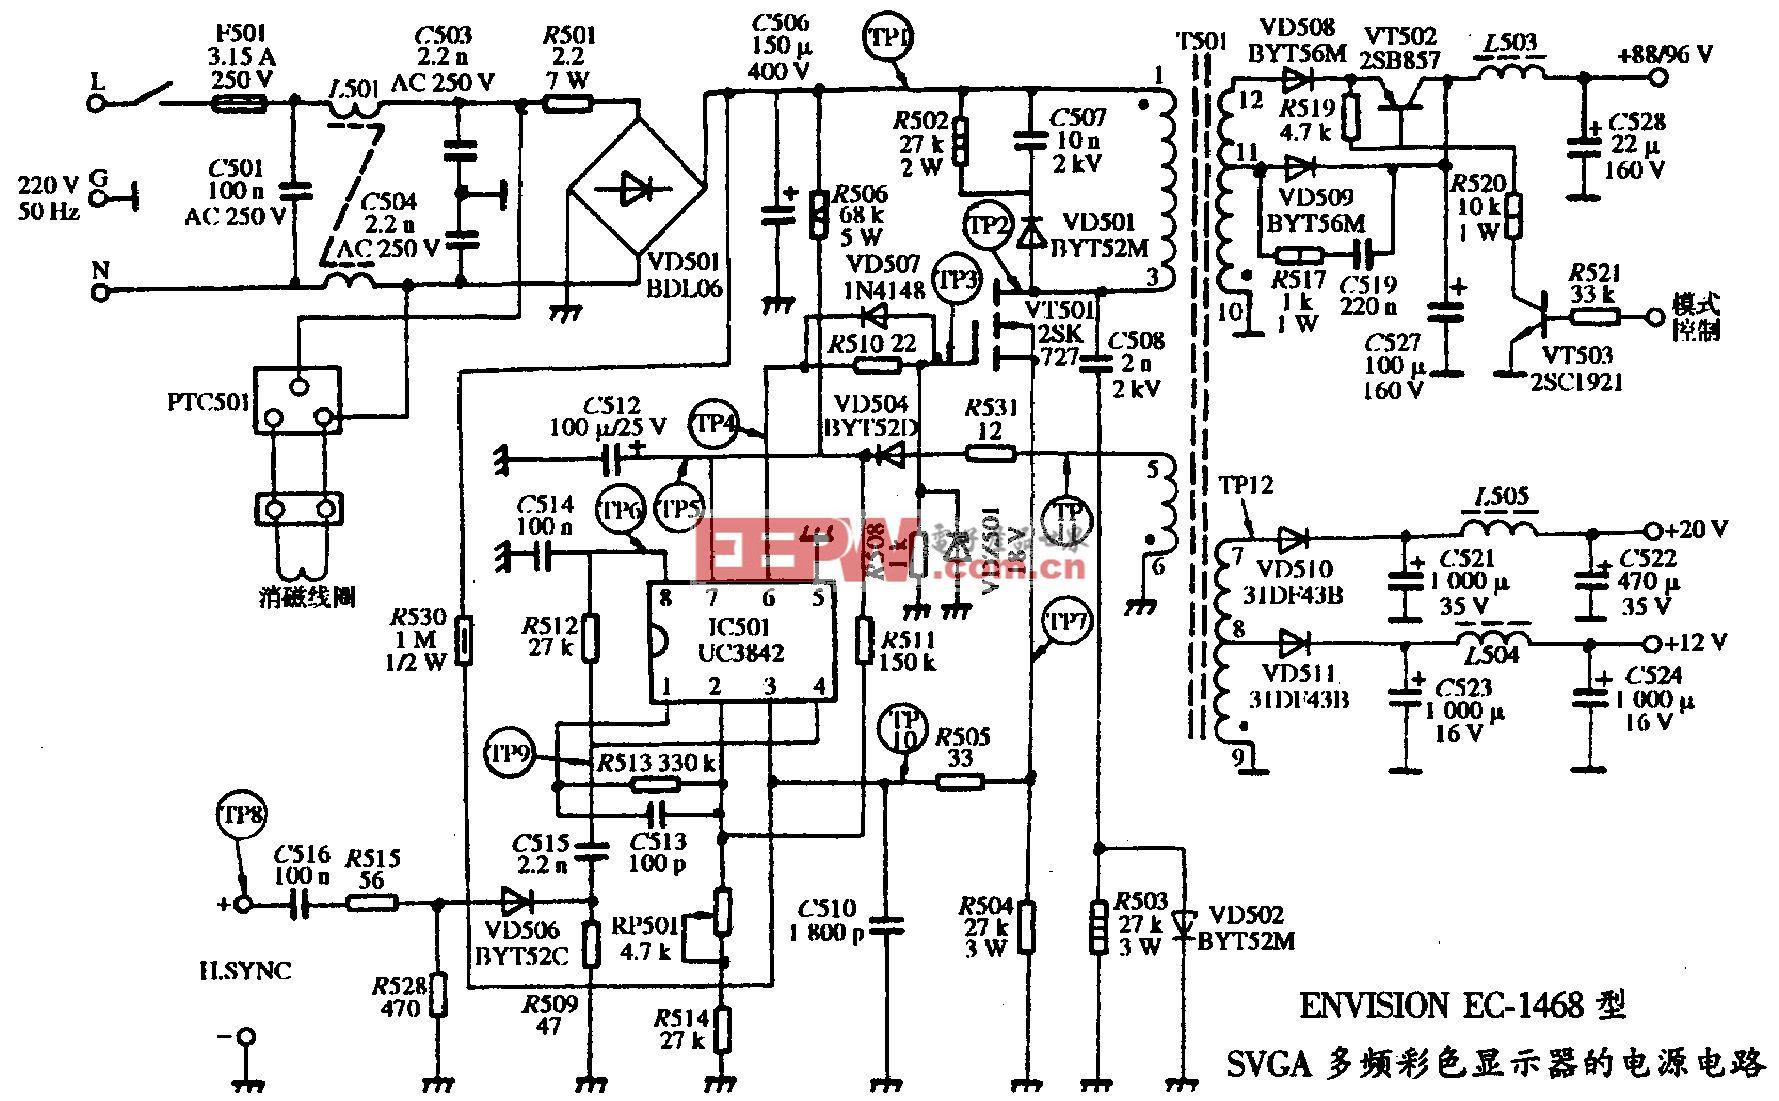 48、ENVISION EC-1468型SVGA多频彩色显示器的电源电路图